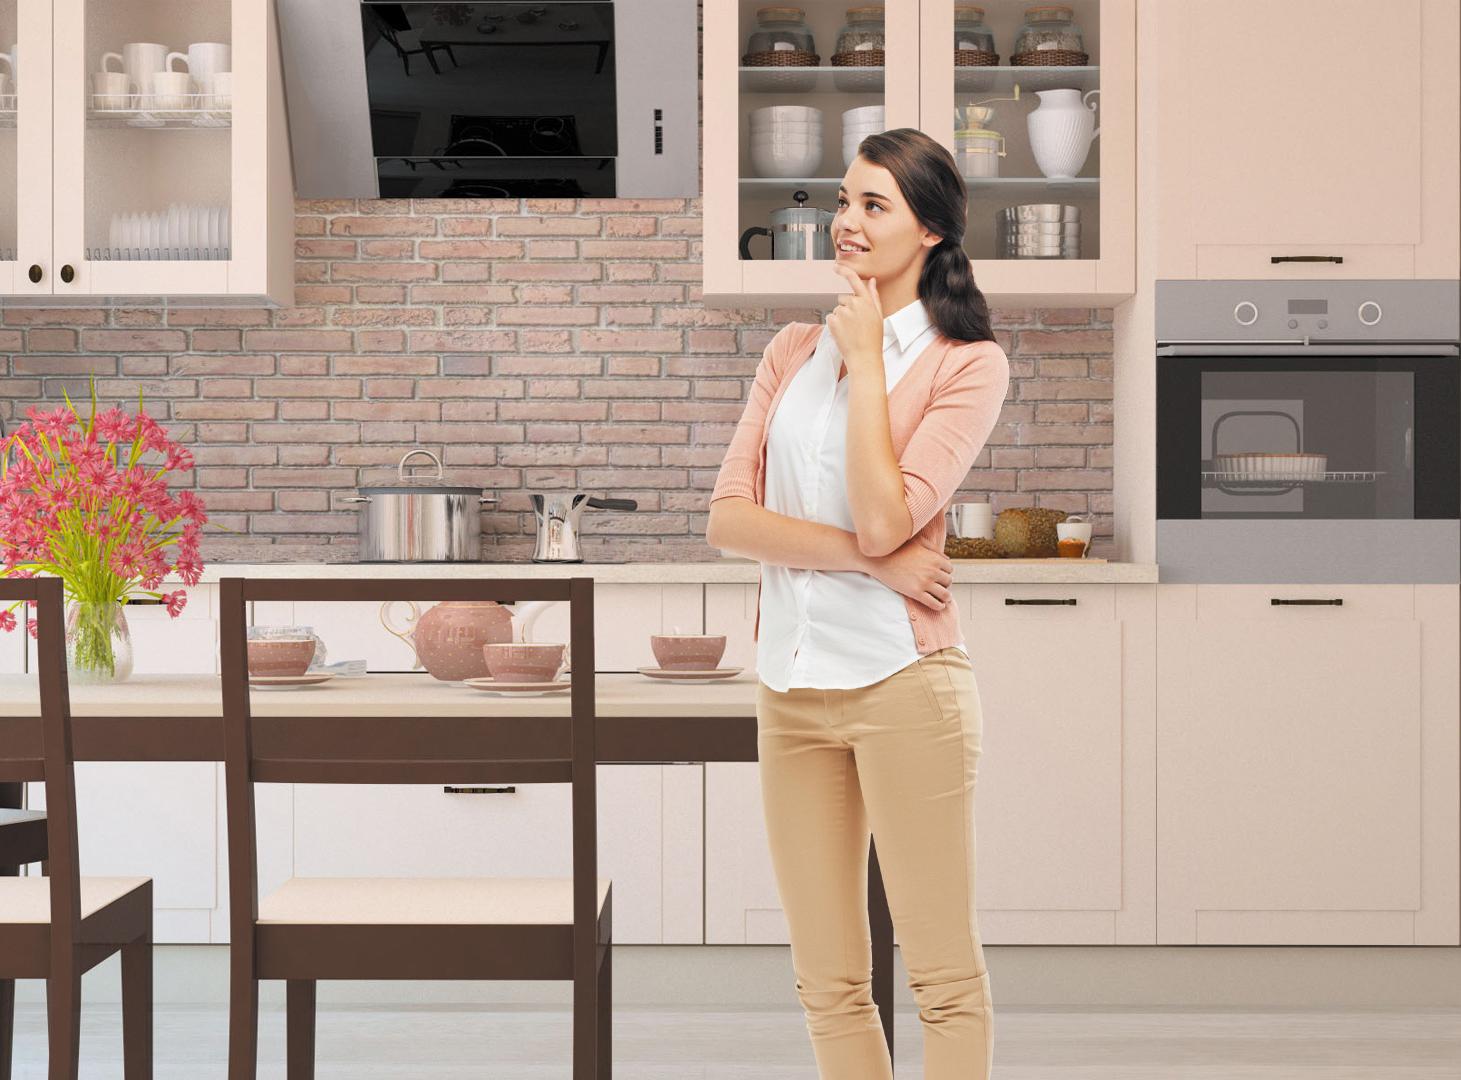 Кухни на заказ: что нужно знать?